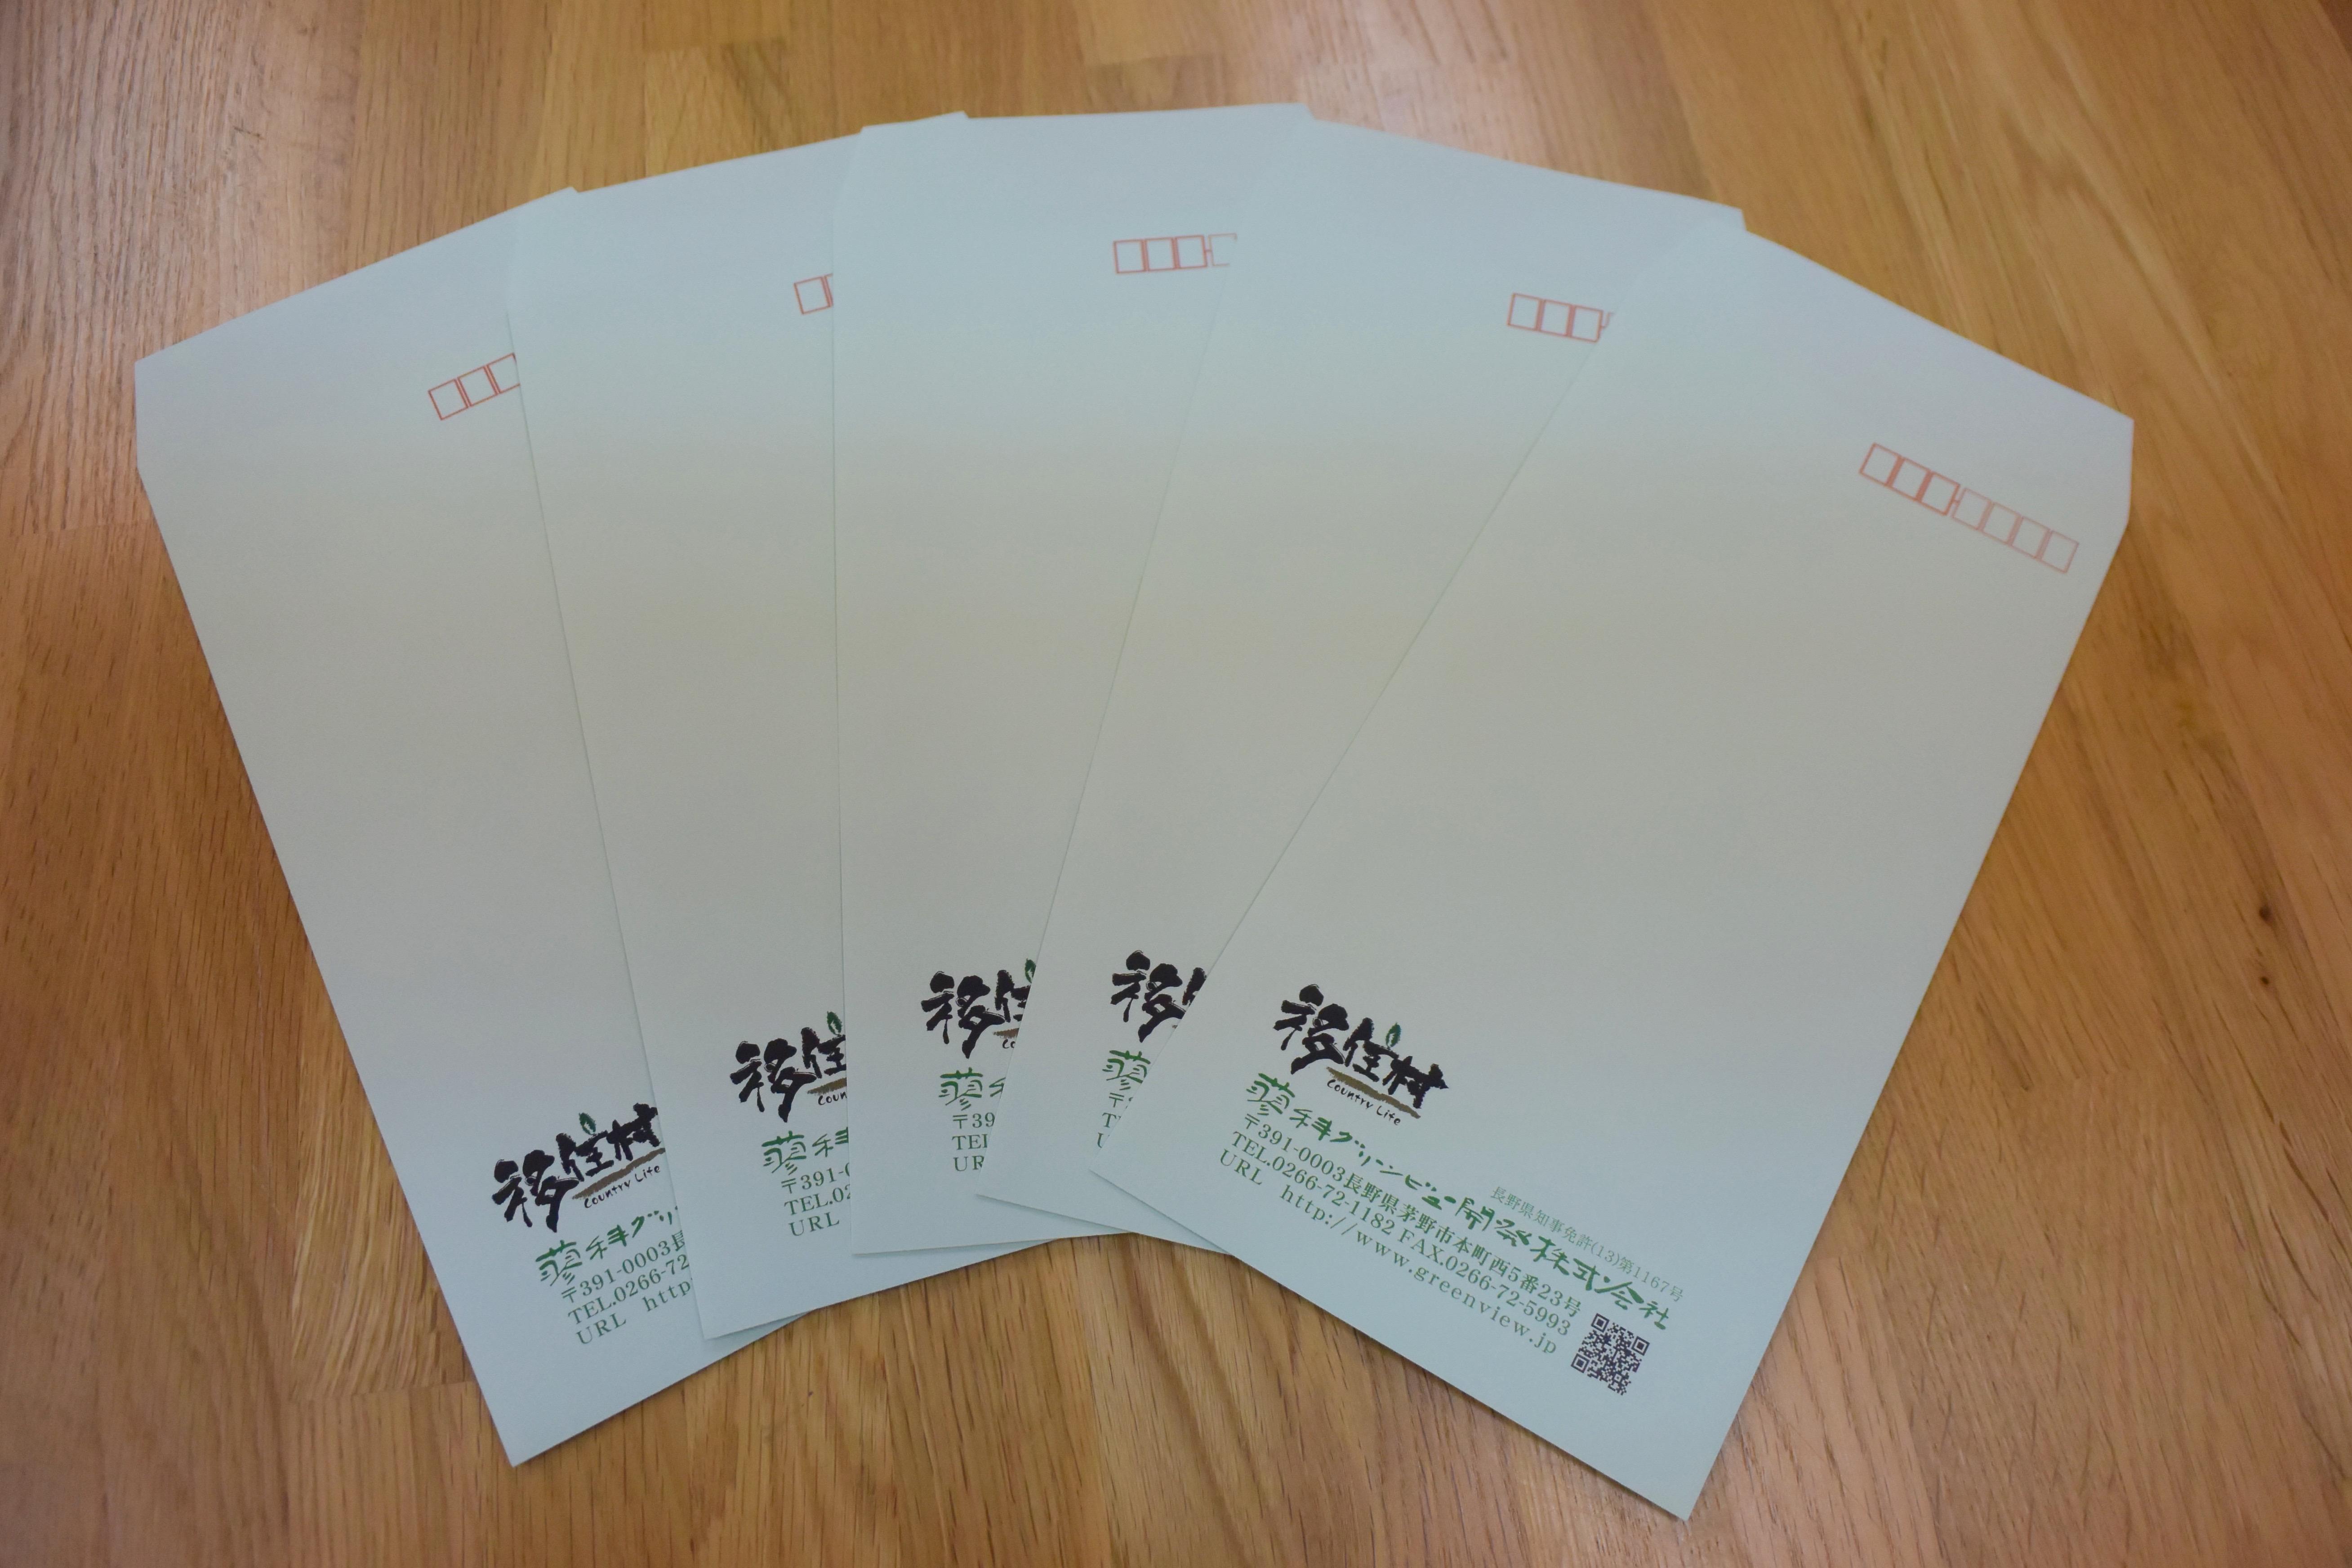 蓼科グリンビュー開発株式会社様の長3封筒できました。